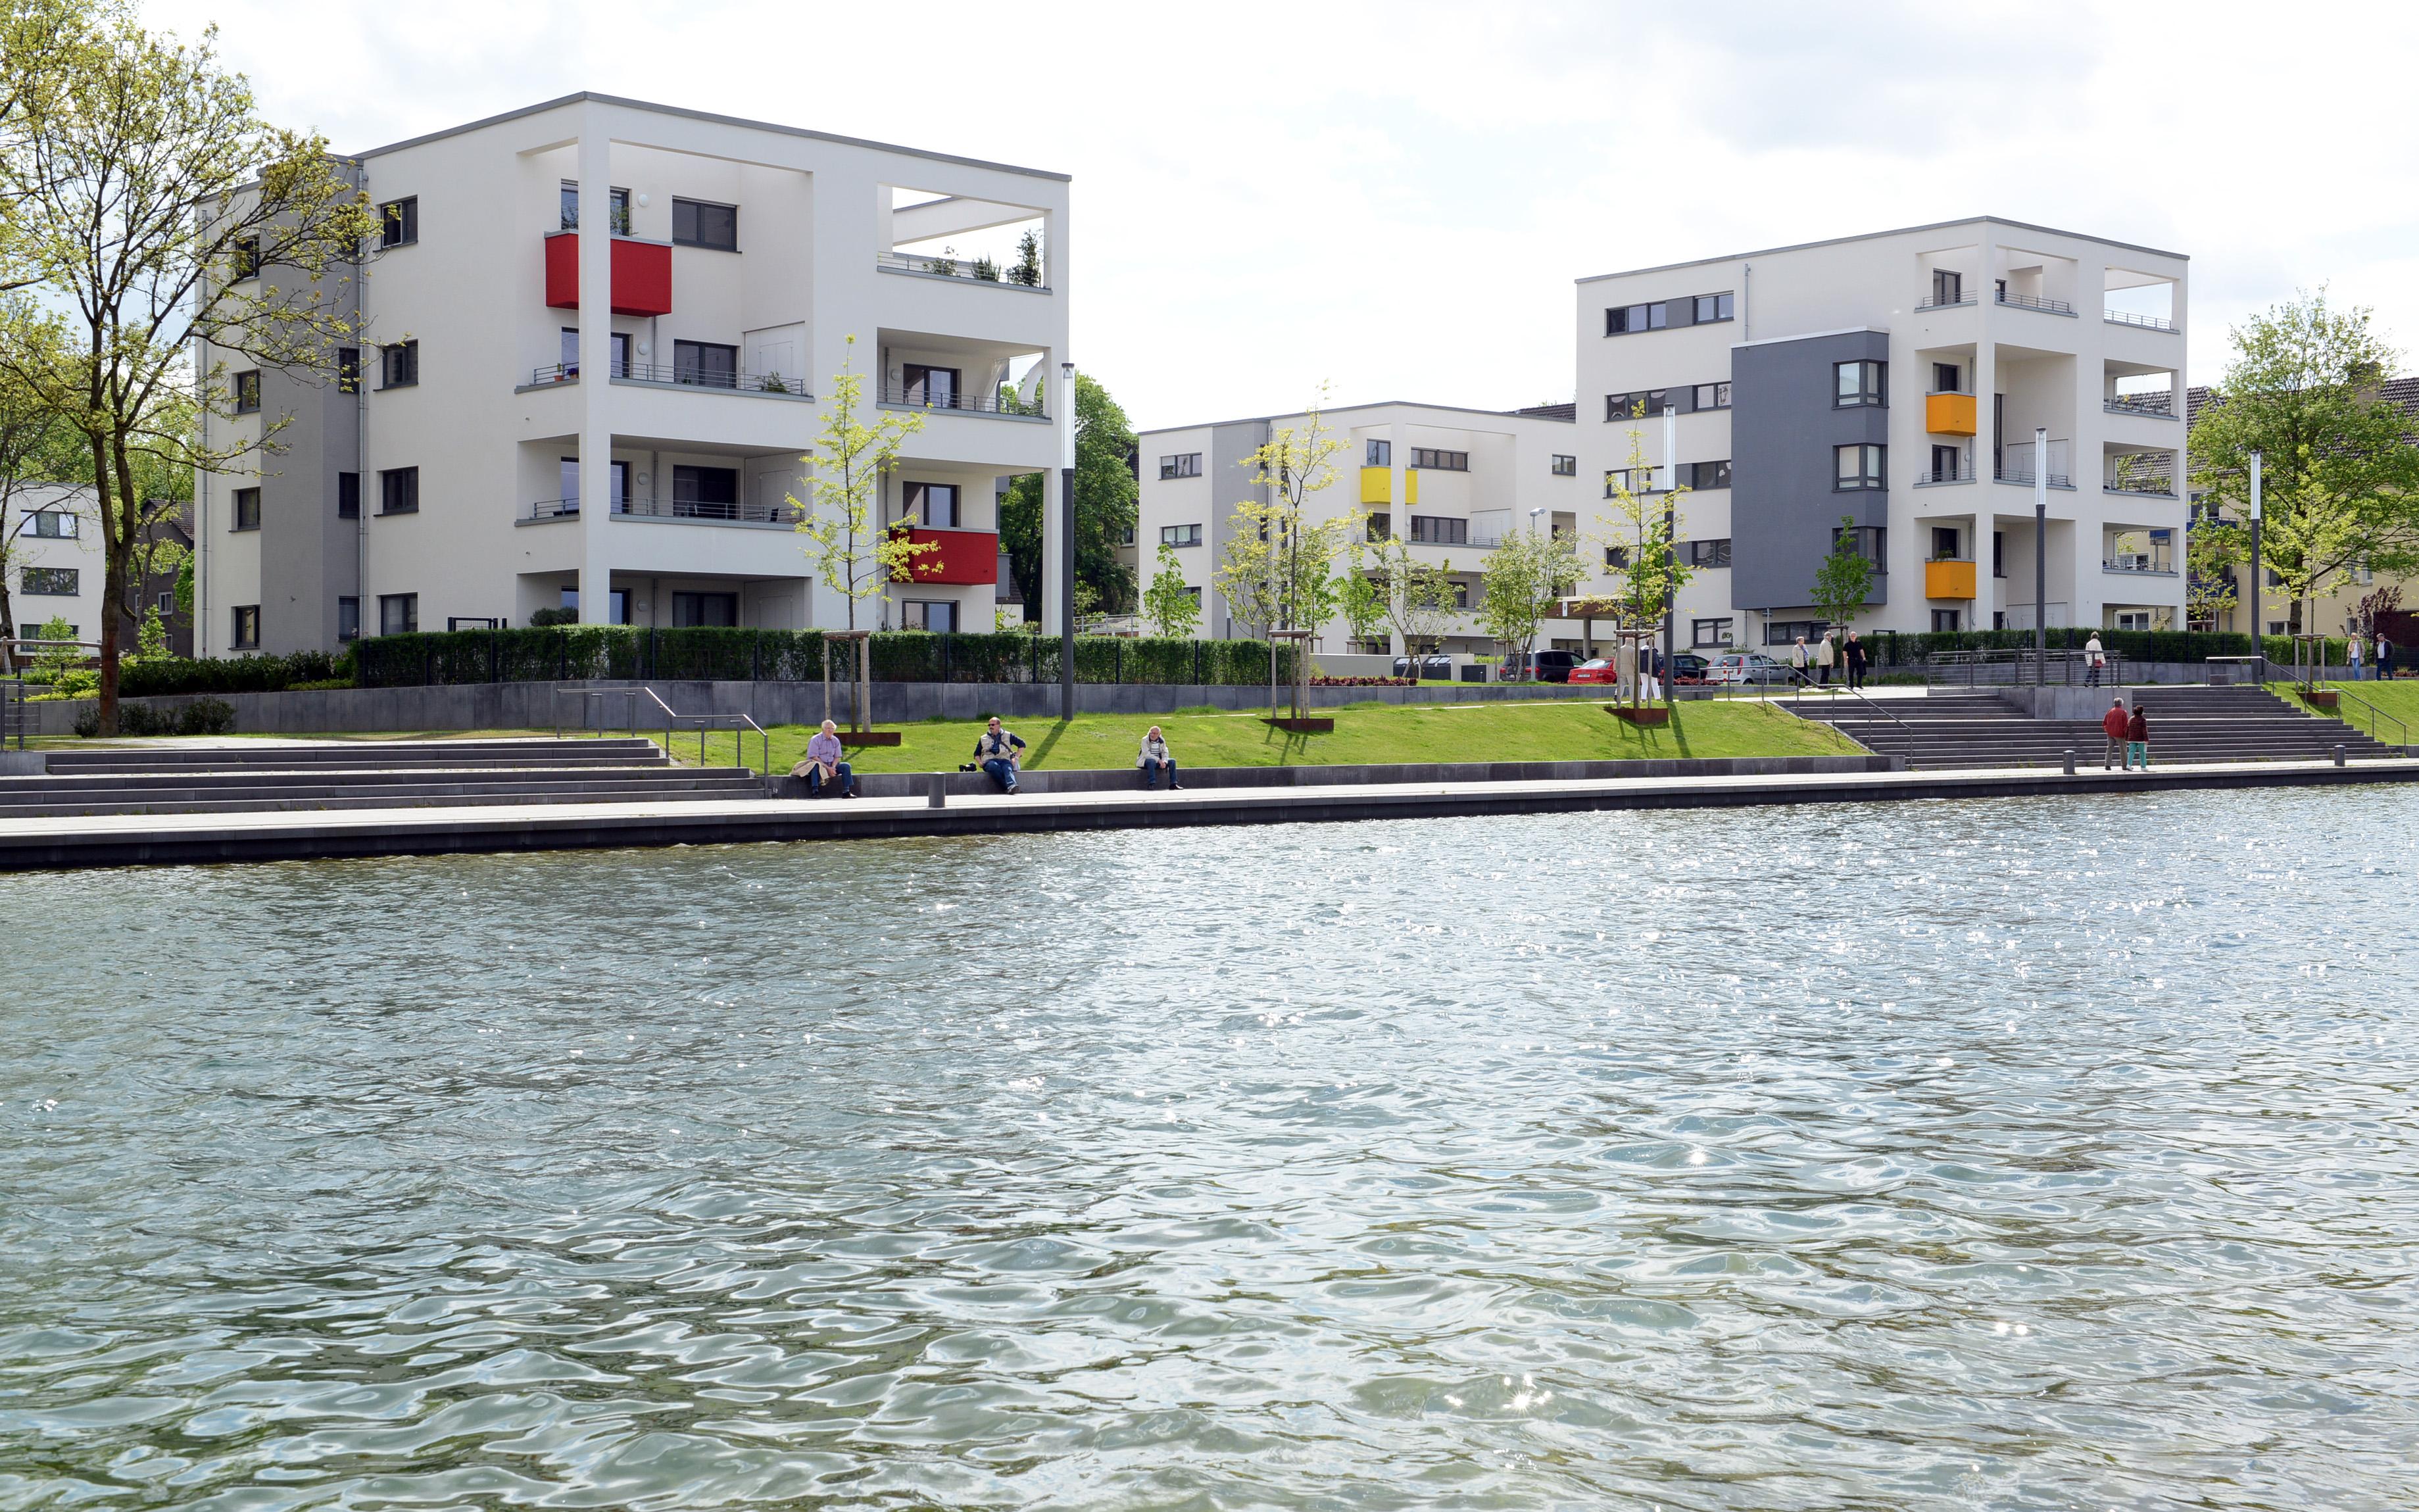 Foto: Wohnen am Niederfeldsee